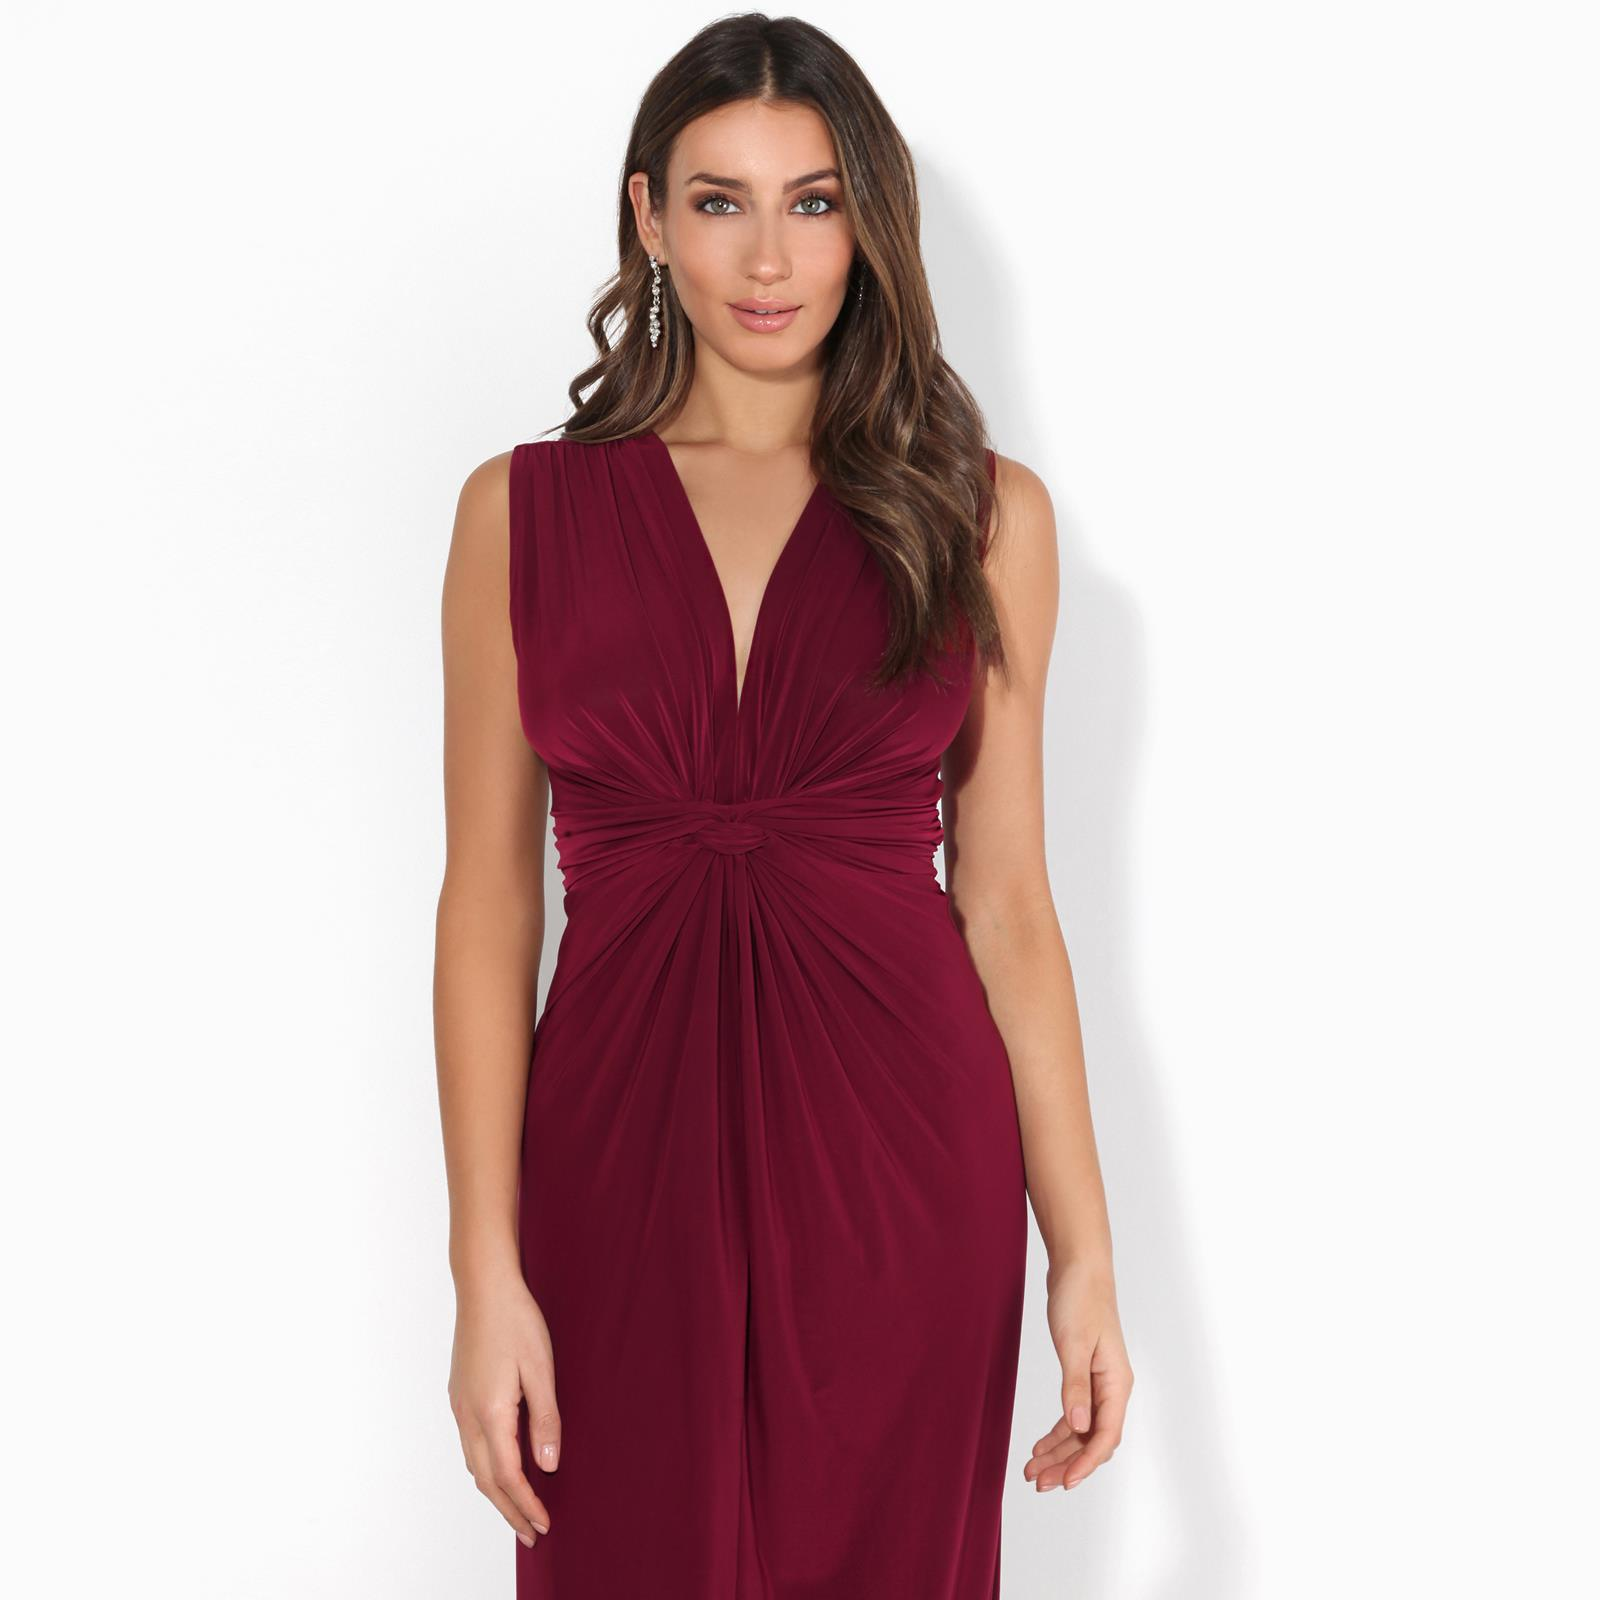 Womens-Ladies-Boho-Long-Maxi-Dress-Knot-V-Neck-Sleeveless-Pleated-Summer-Party thumbnail 15